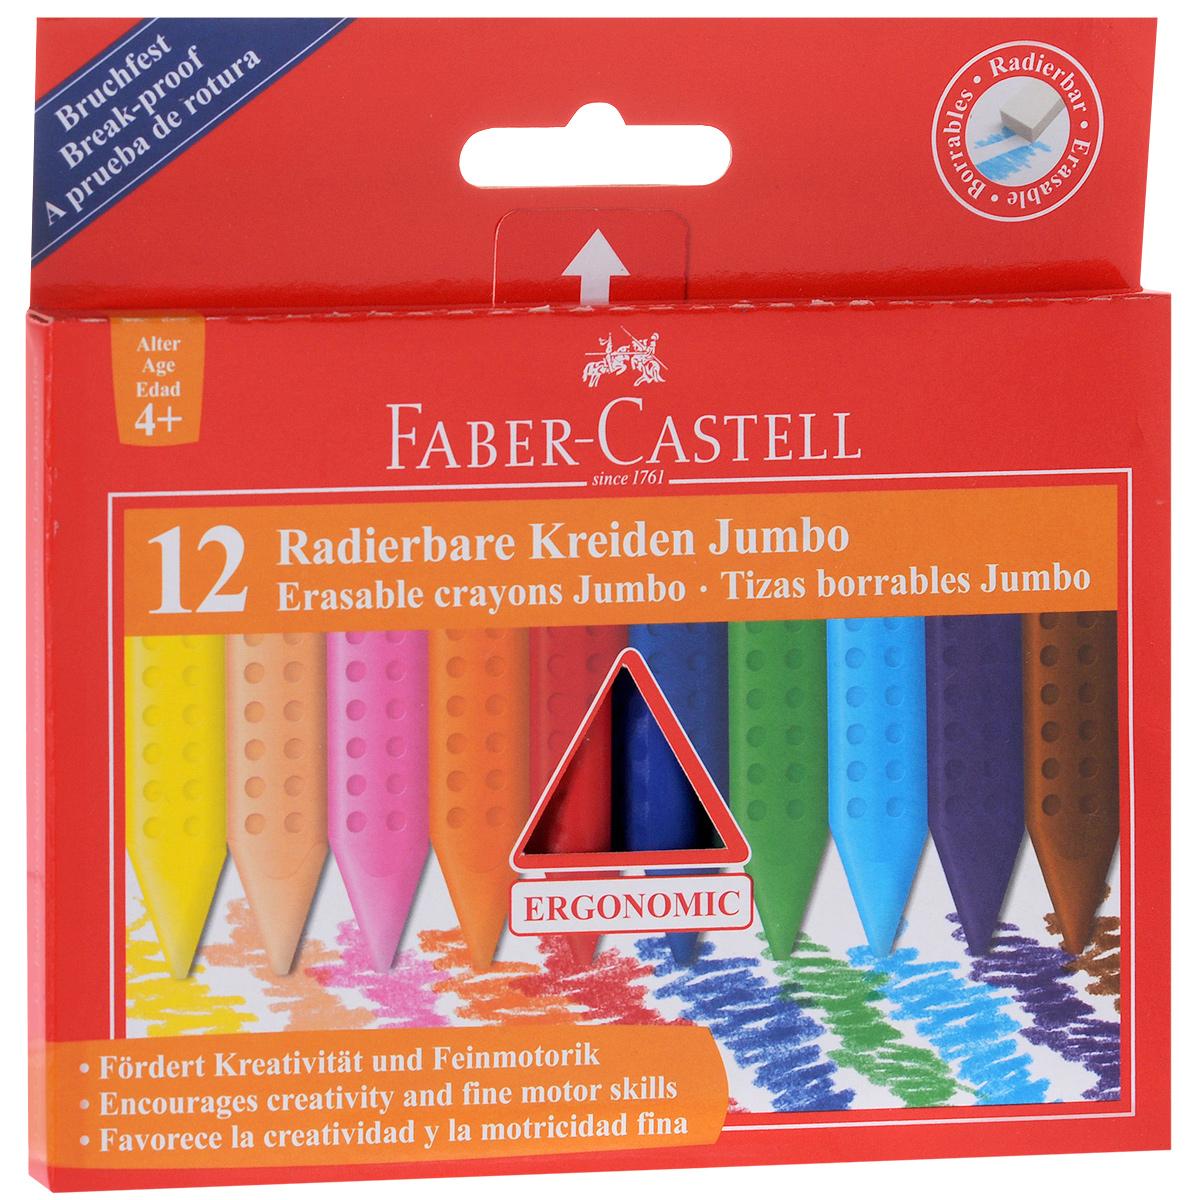 Восковые мелки Faber-Castell Radierbare Kreiden Jumbo, стирающиеся, 12 цветов122540Восковые мелки Faber-Castell Radierbare Kreiden Jumbo предназначены для рисования на картоне и бумаге. Утолщенный трехгранный корпус особенно удобен для детской руки. Мелки обеспечивают удивительно мягкое письмо, обладают отличными кроющими свойствами. Их можно затачивать и стирать как карандаш. Мелки не пачкаются, что позволит сохранить руки чистыми.В набор входят восковые мелки 12 ярких классических цветов.